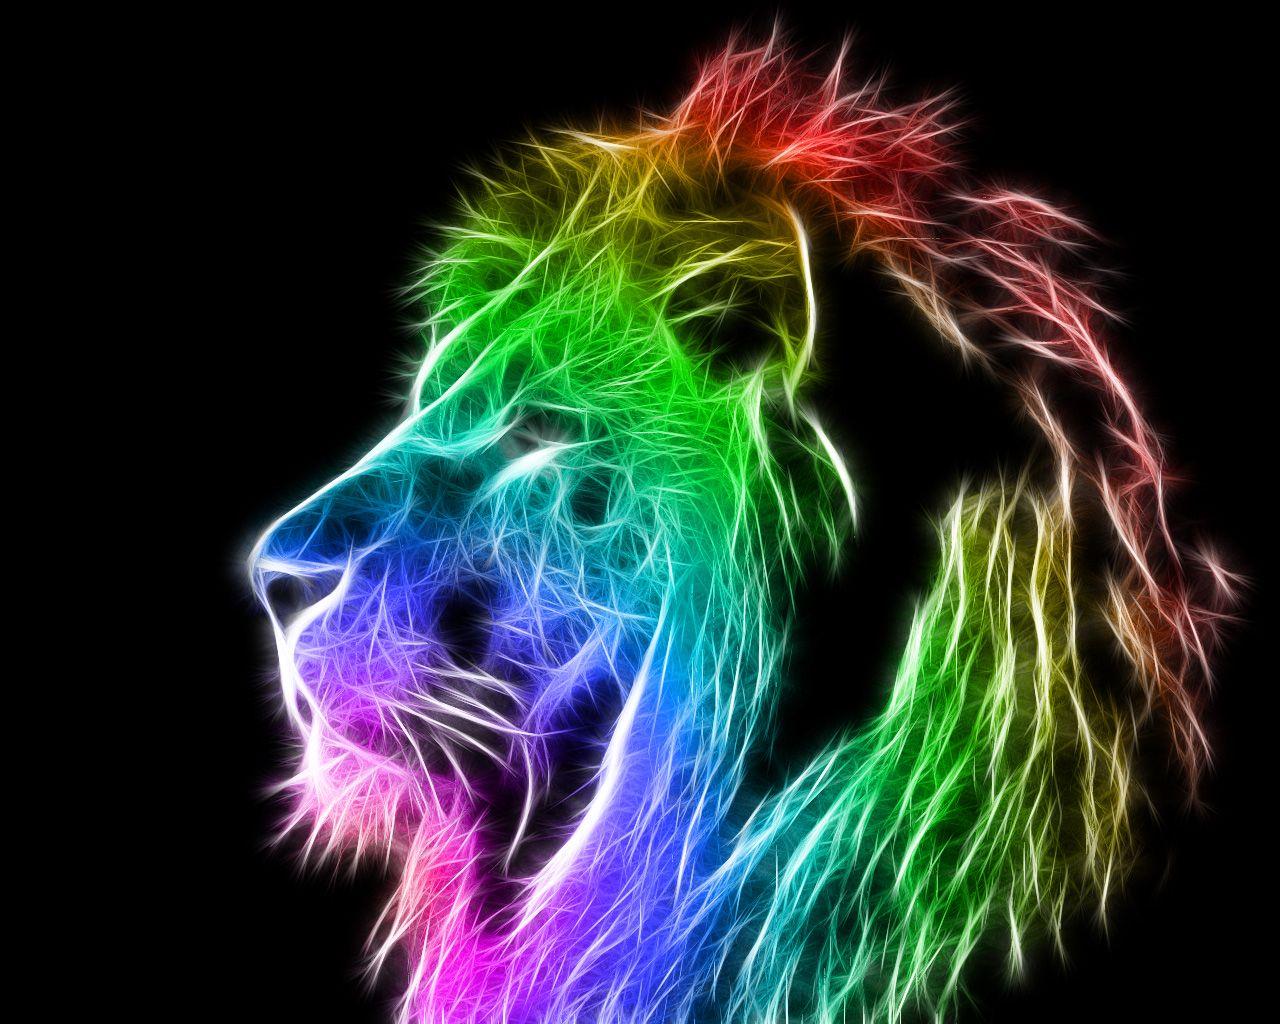 Colorful Lion Wallpaper My Fantasy Pets Lion Wallpaper Fractals